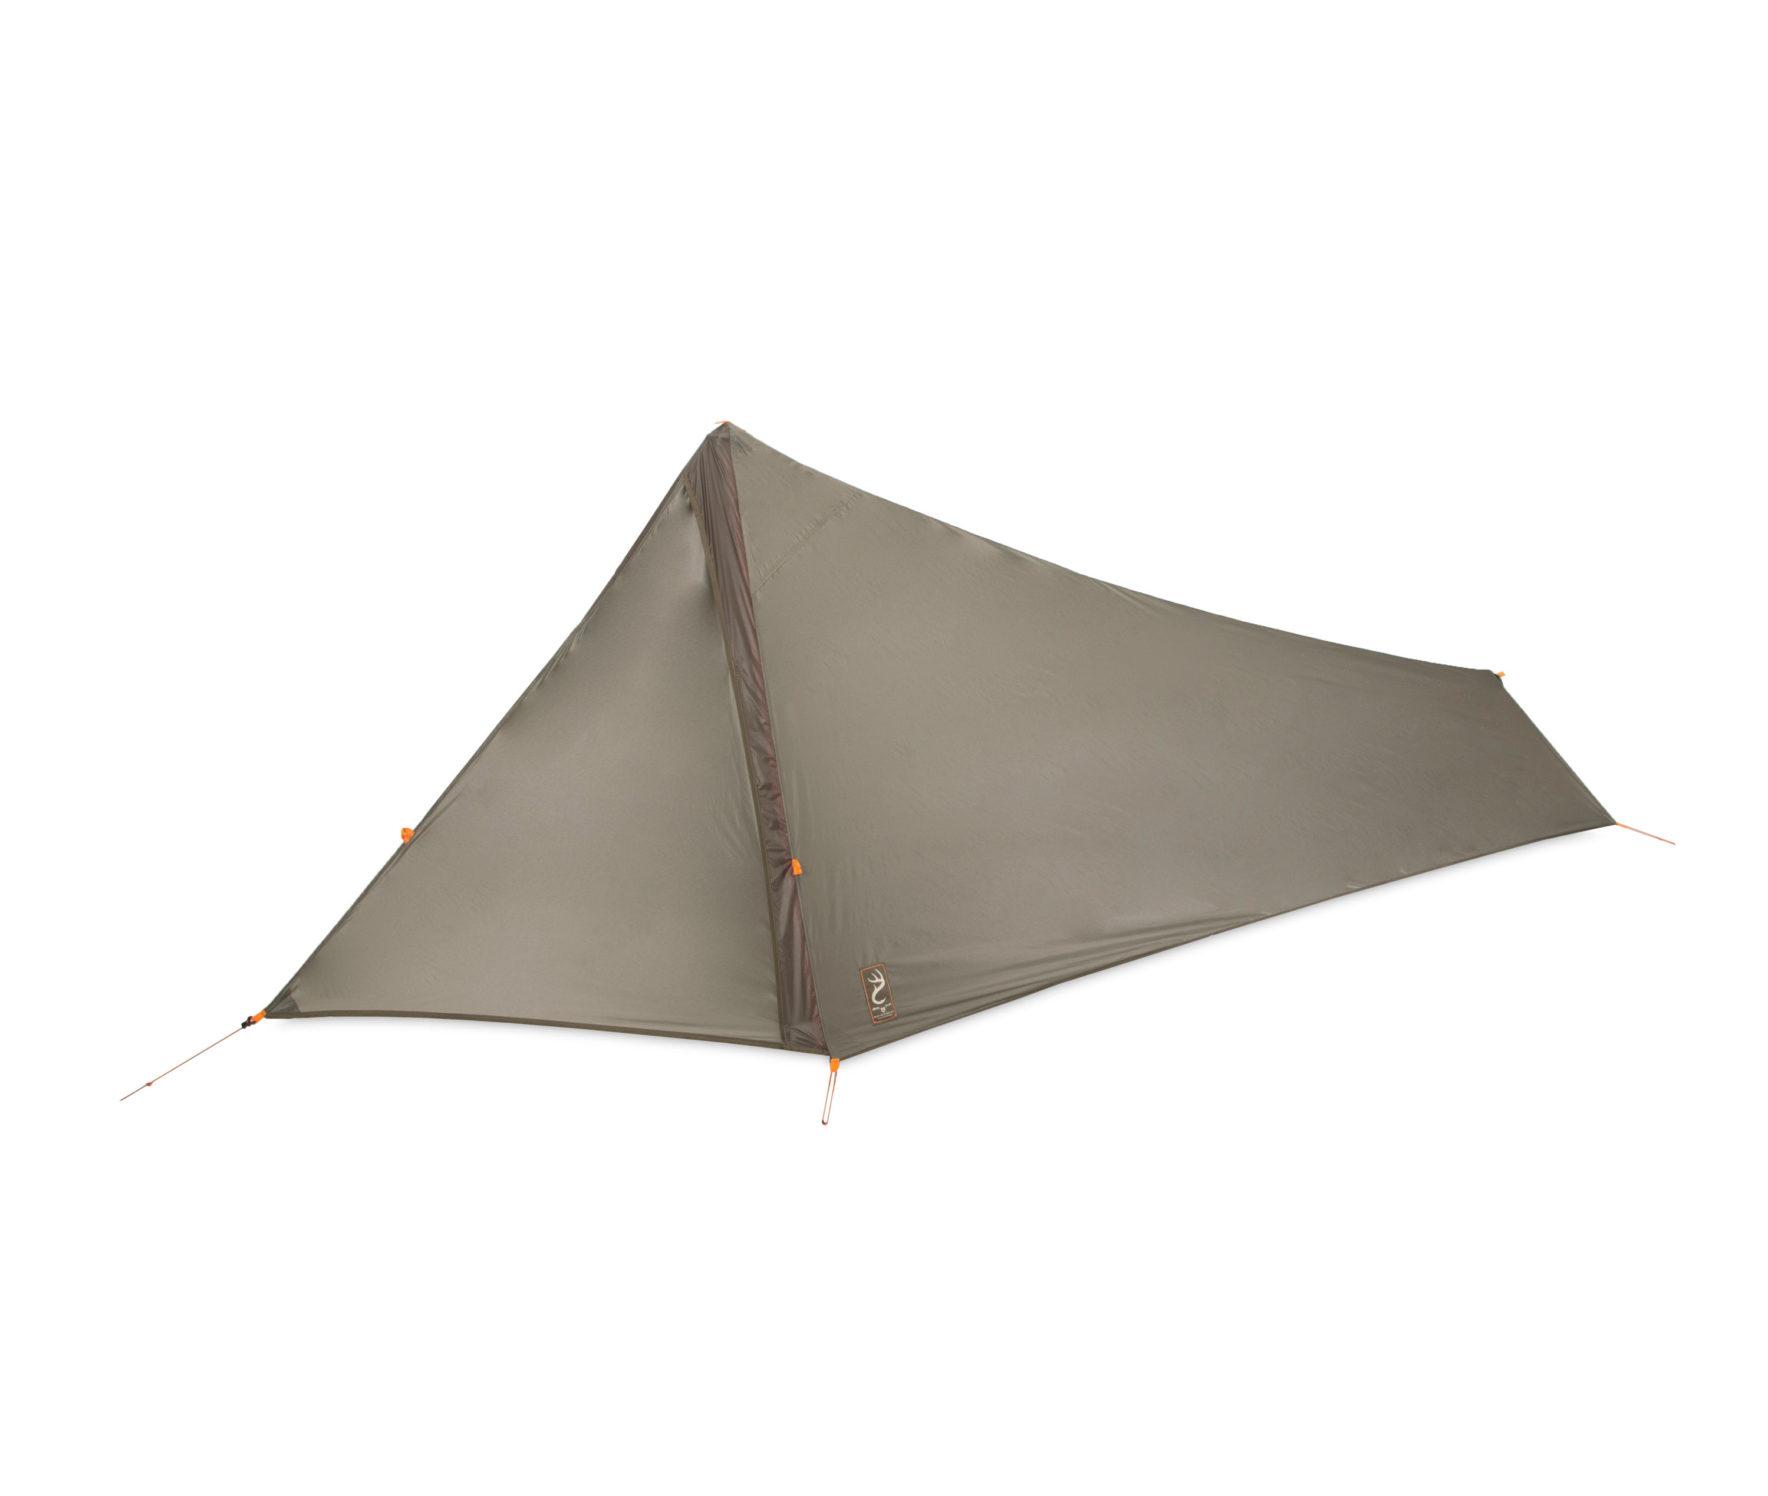 日本での発売が待ち遠しいNEMO(ニーモ) SPIKESTORM 1P テント